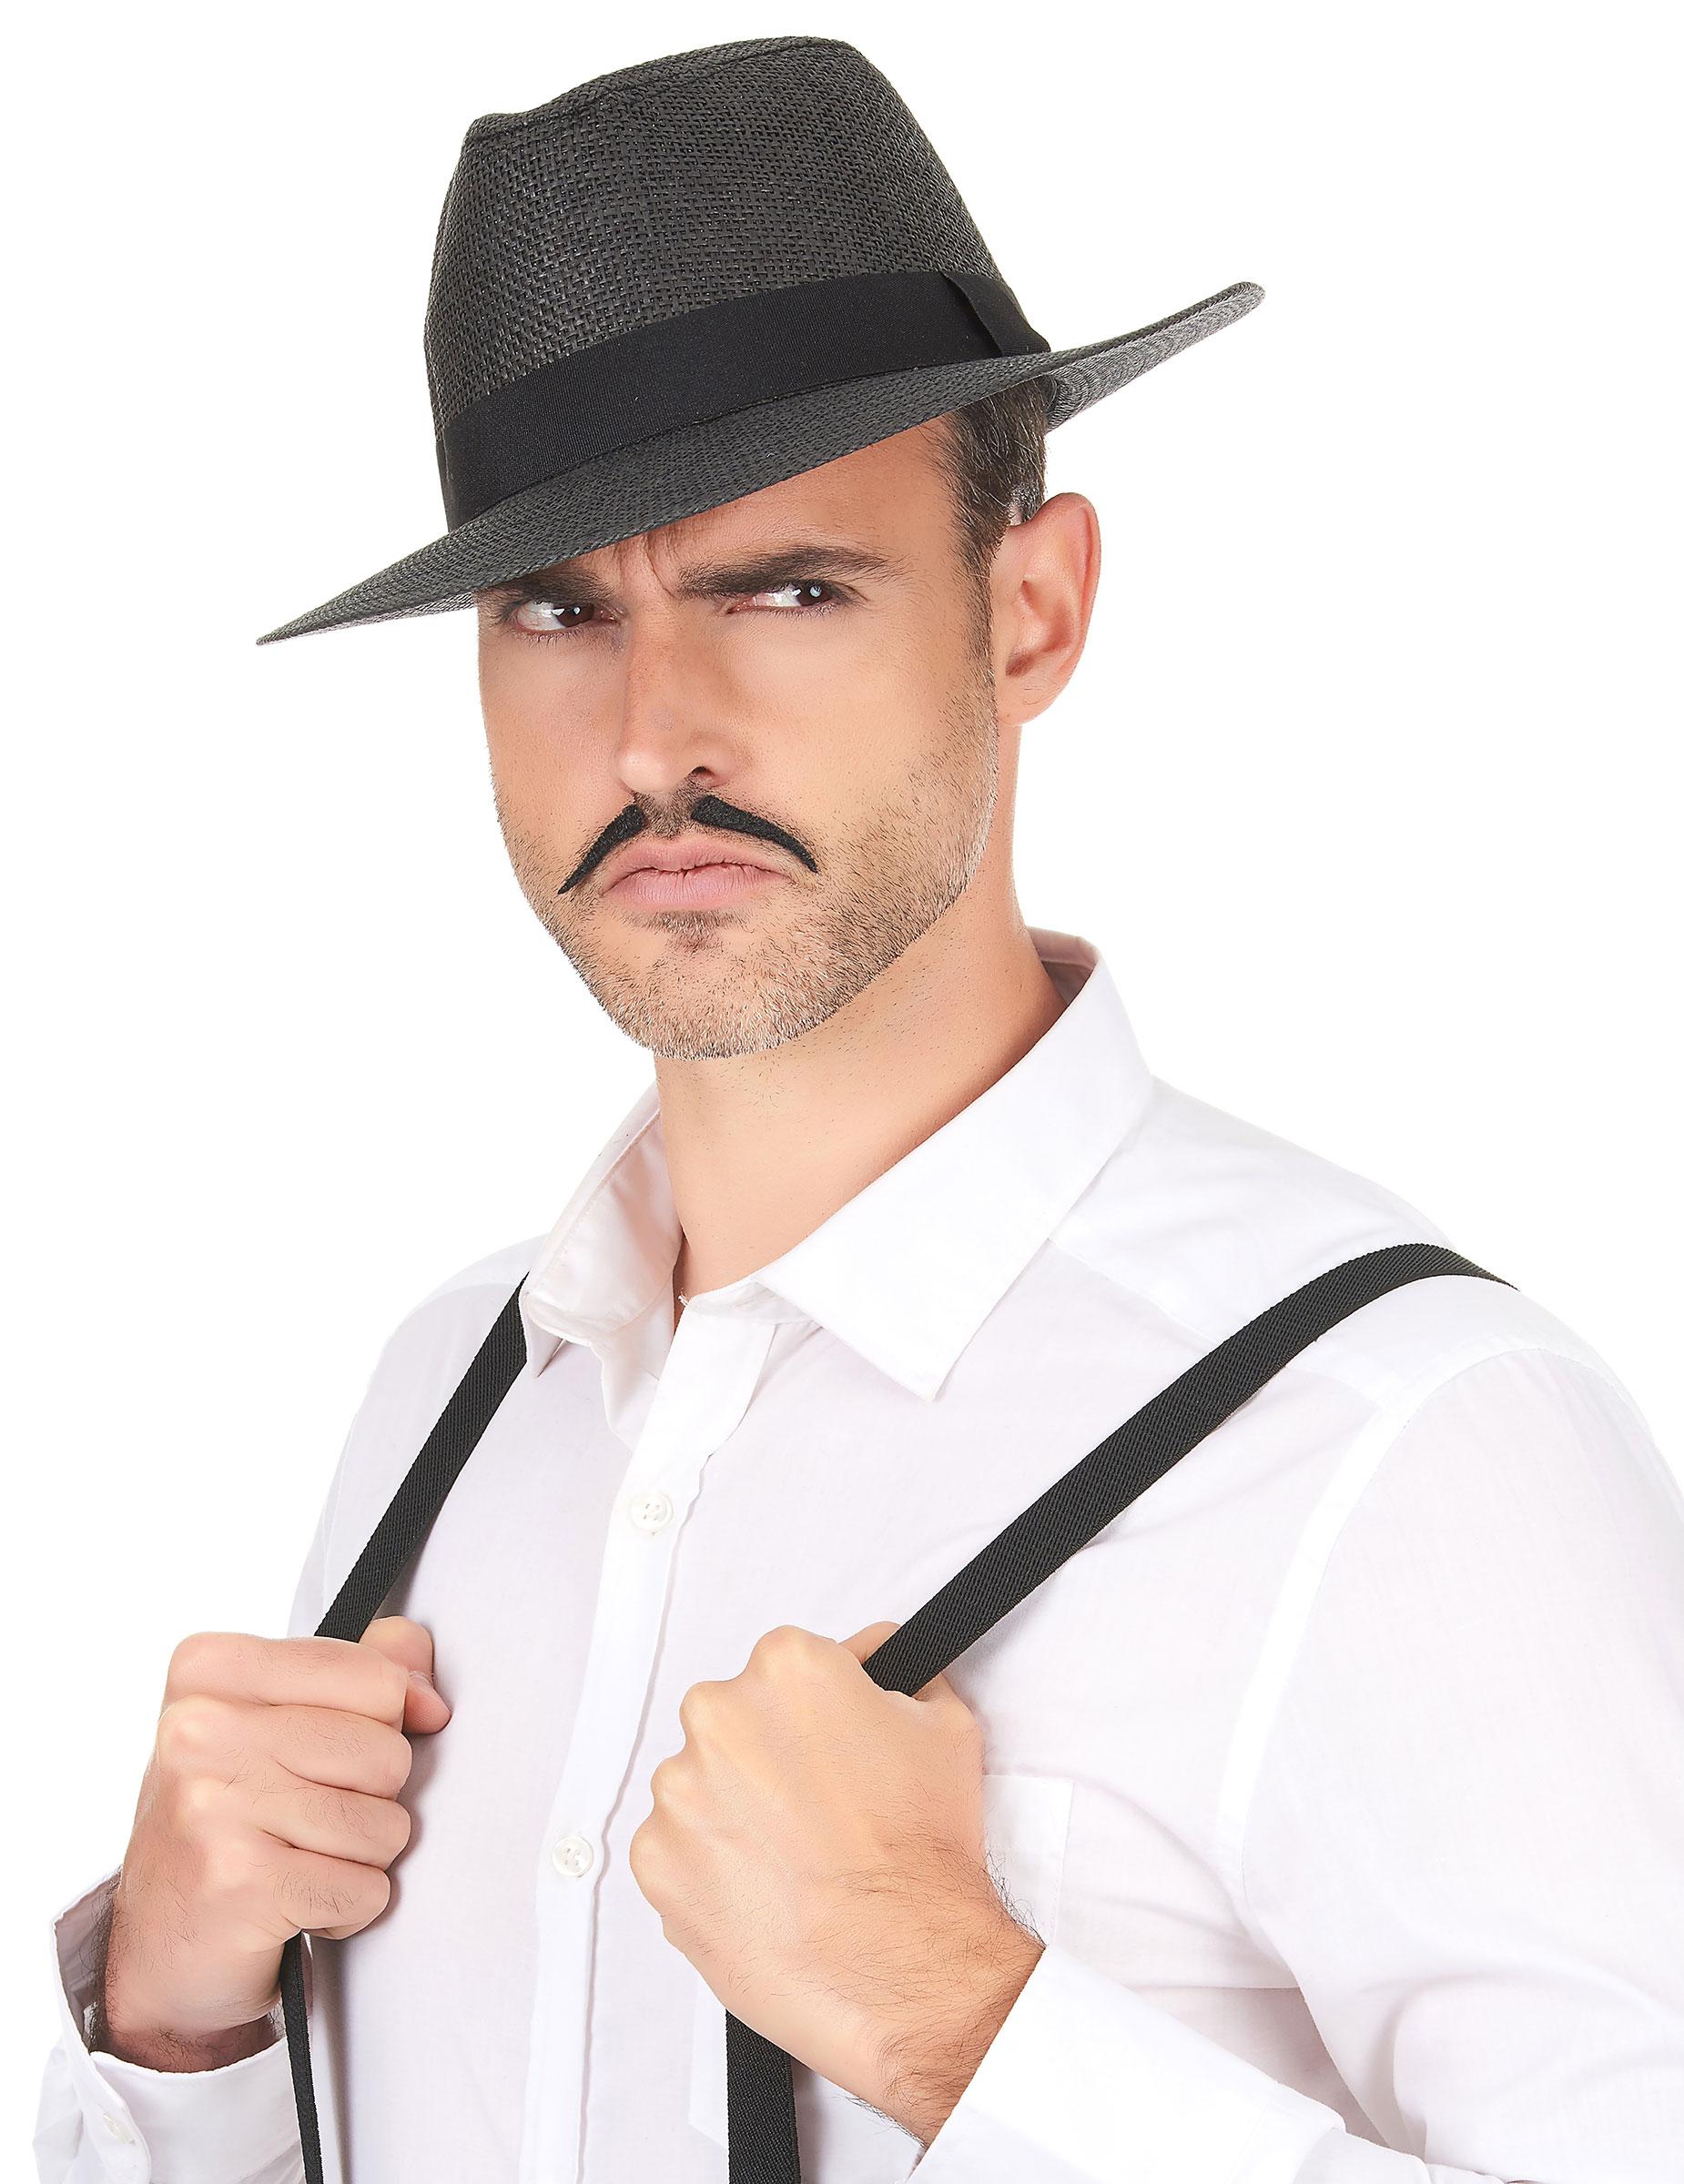 bf48bb8930 Chapéu Panamá cinza - adulto: Chapéus,mascarilhas e fatos de ...